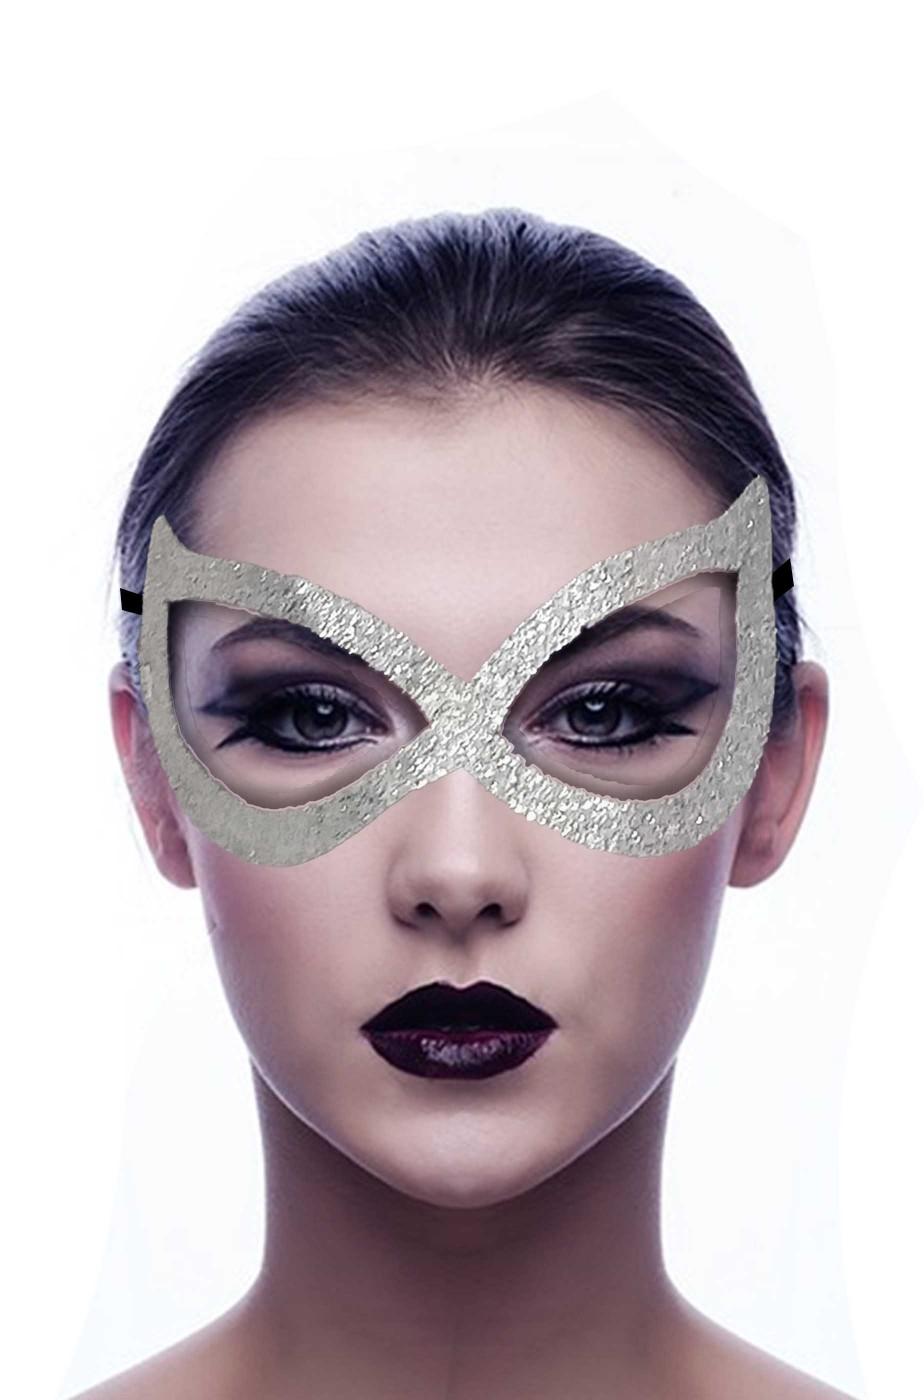 maschera di carnevale color argento da occhi